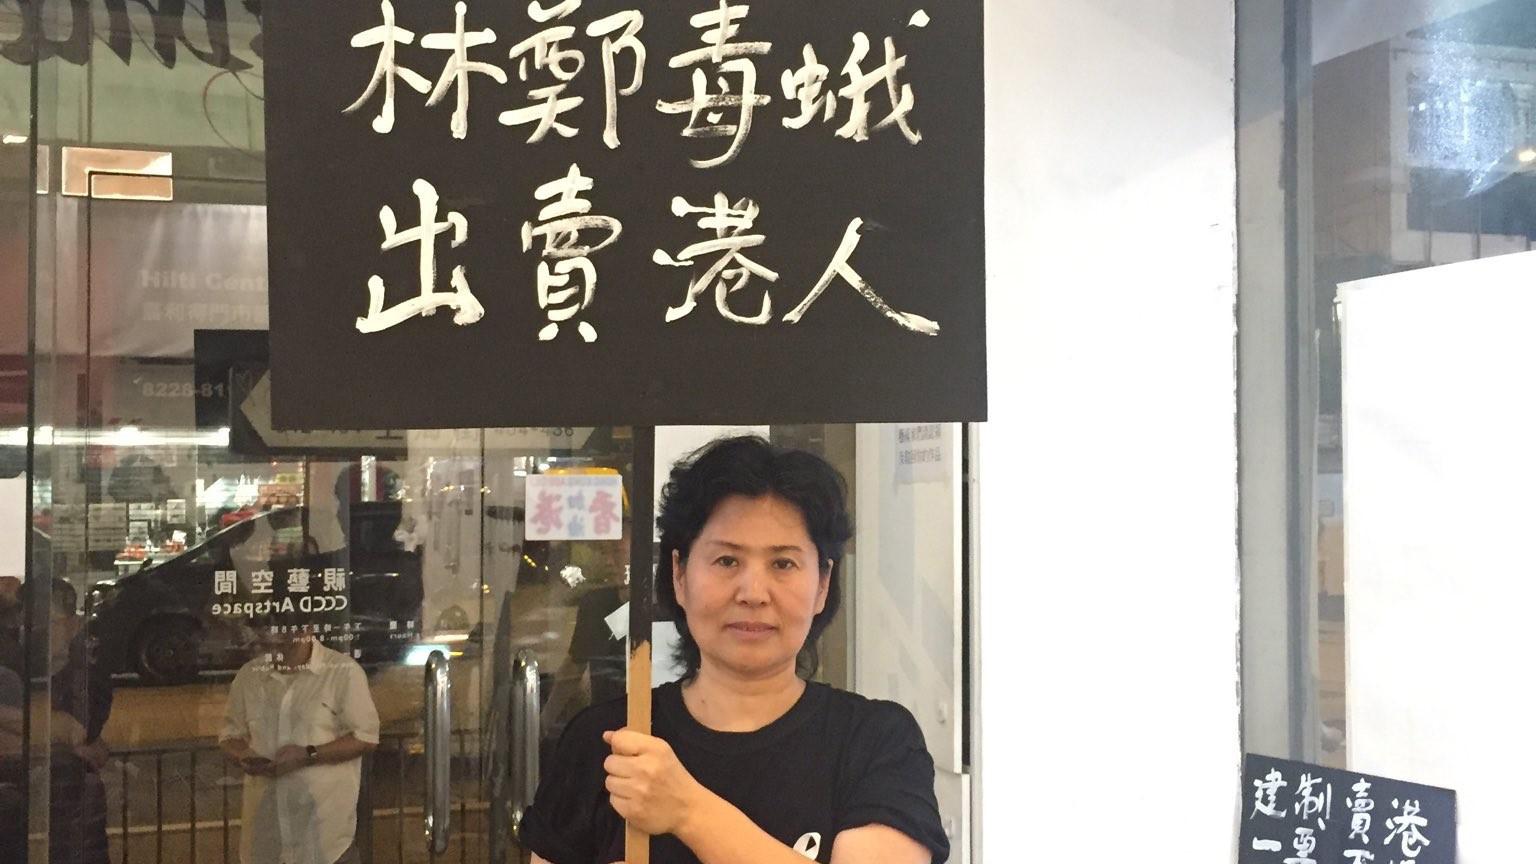 维权律师高智晟的妻子耿和参加香港七一游行。(耿和推特)